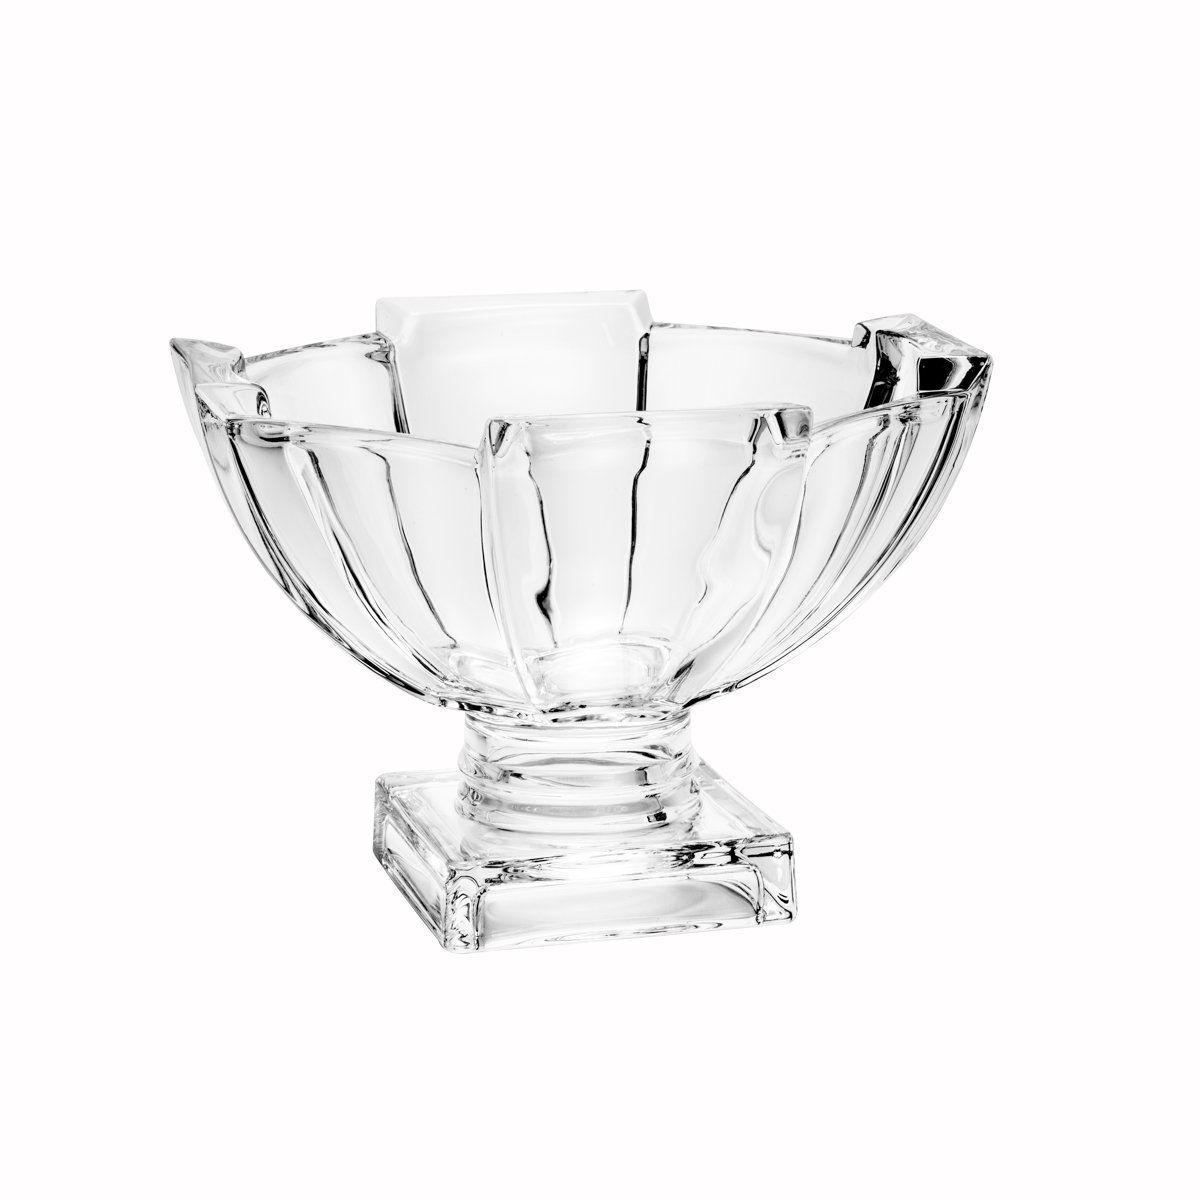 Jogo de 6 taças 12 cm para sobremesa de cristal transparente Stage Wolff - 26477